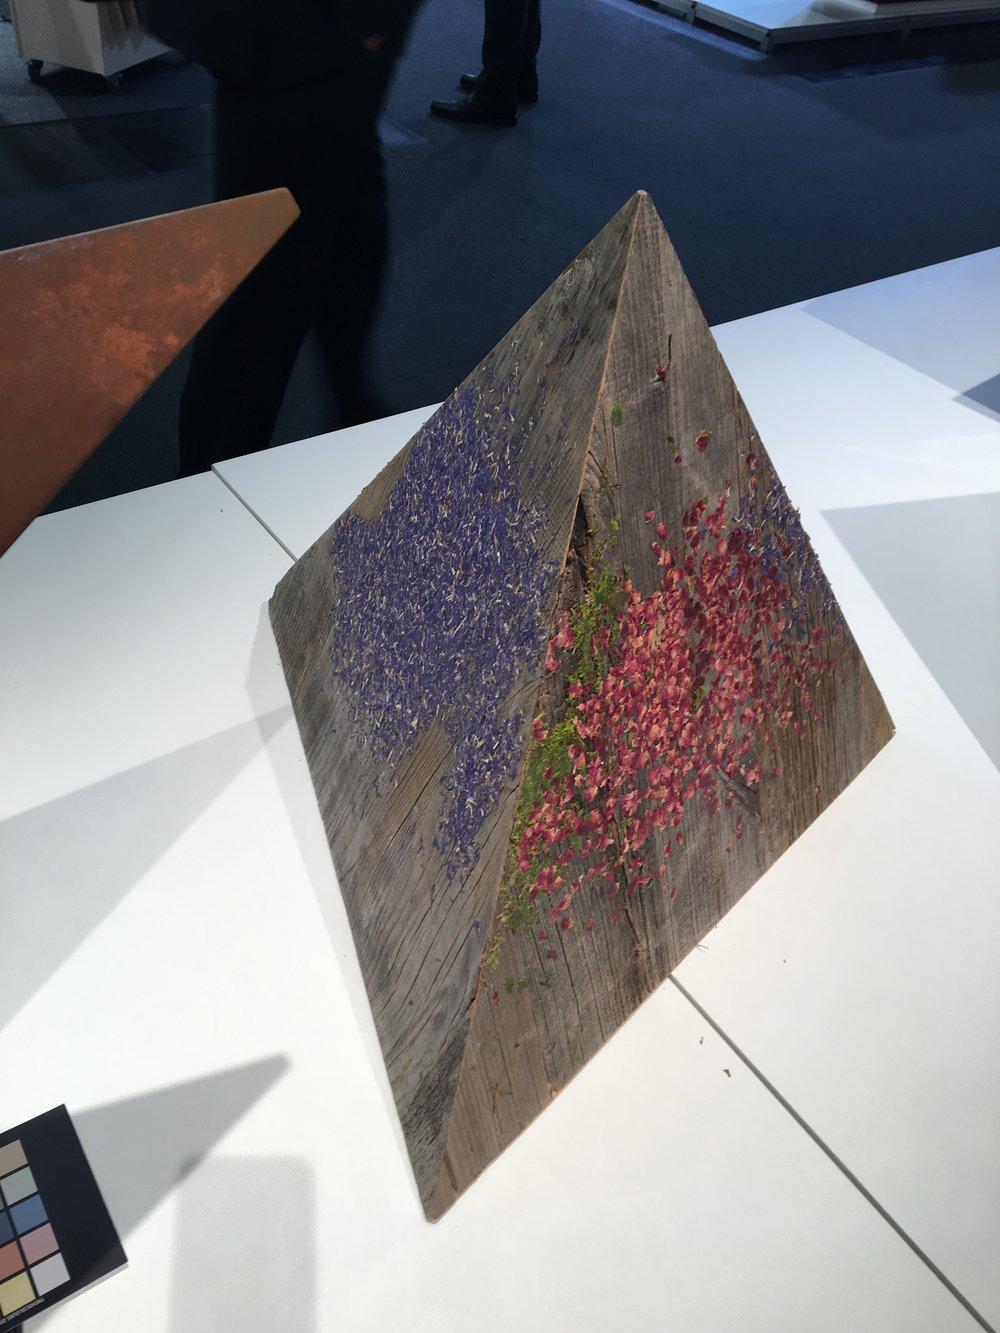 Individualität für Naturfreunde: Organoid Technologies arbeitet mit natürlichen Materialien, hier mit Kornblumen, Rosenblüten und Moos auf antikem Holz.